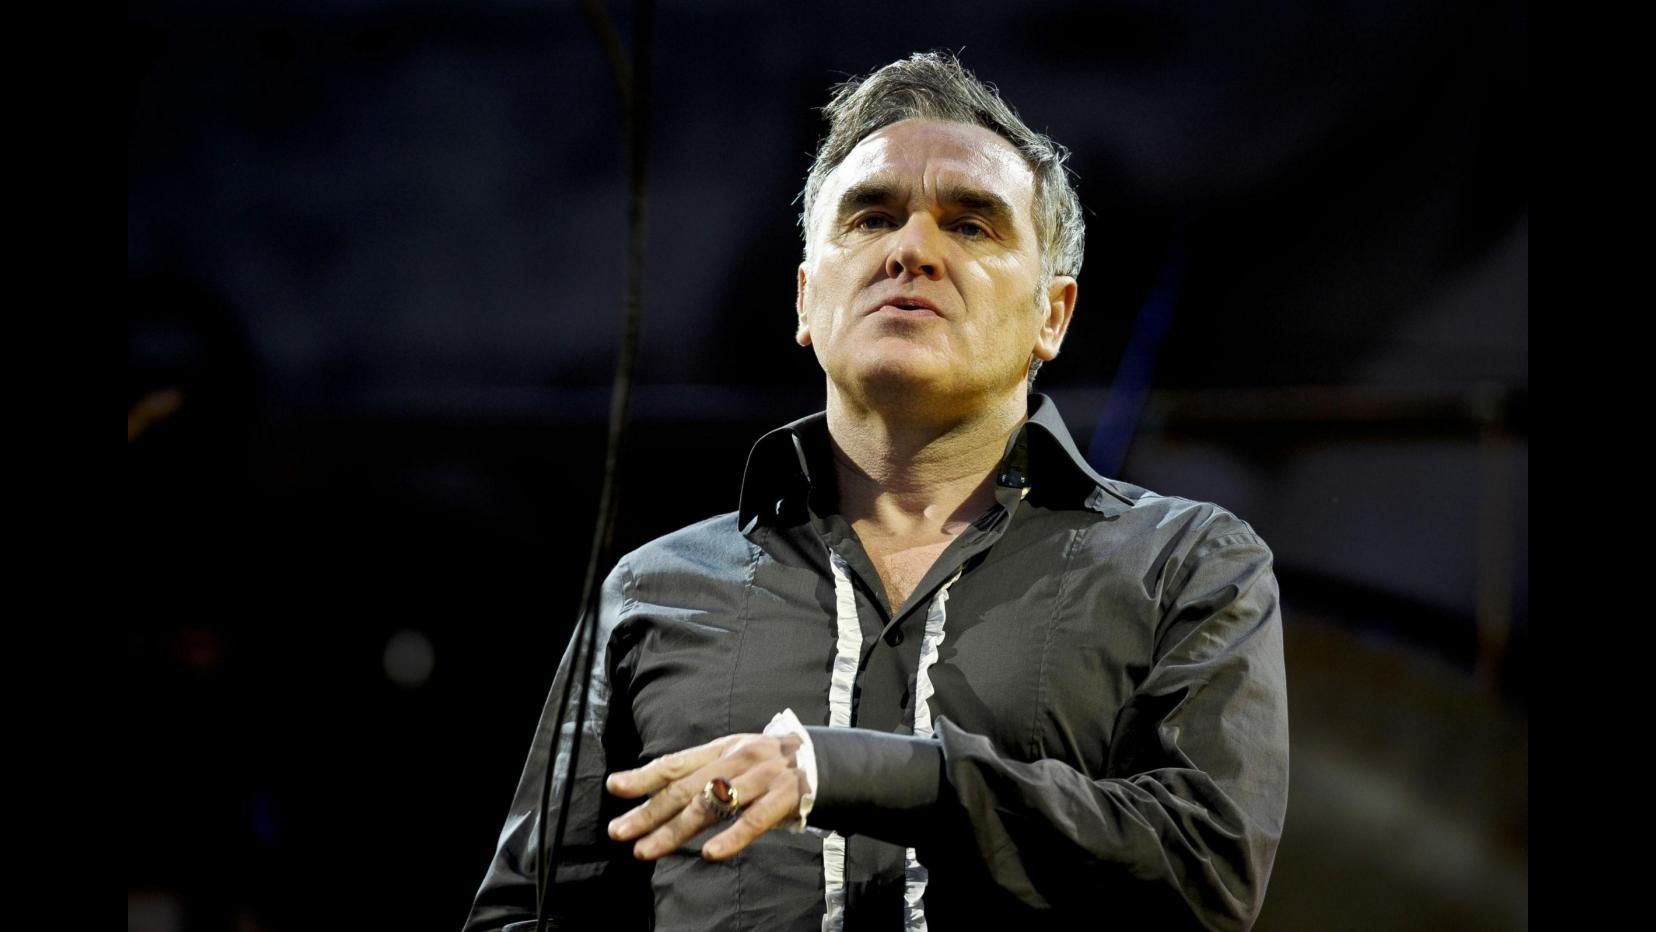 Roma, Morrissey minacciato da agente: Cancello il tour italiano